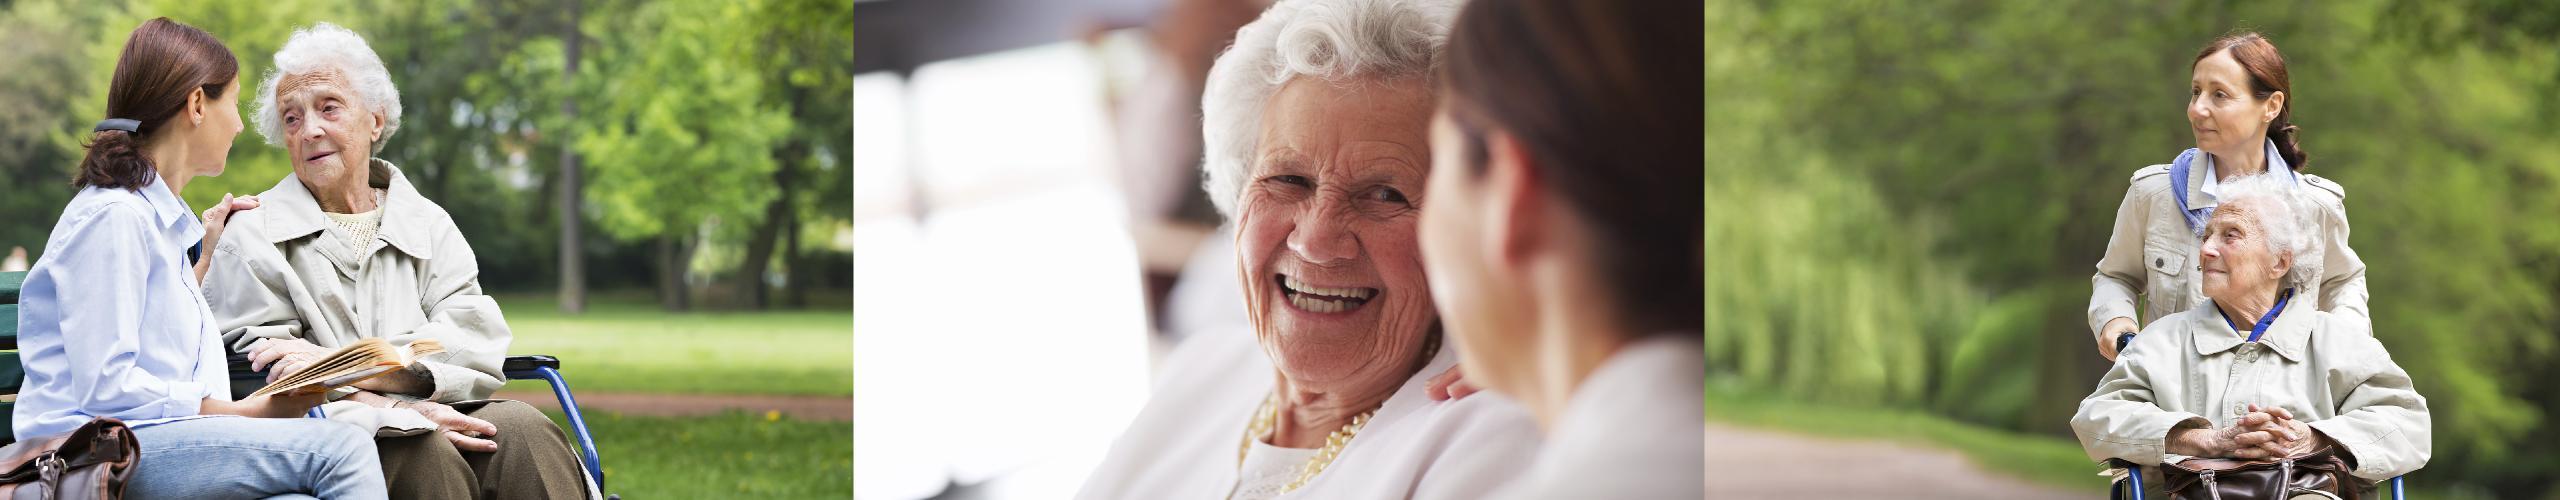 Bilde av eldre mennesker som får hjelp